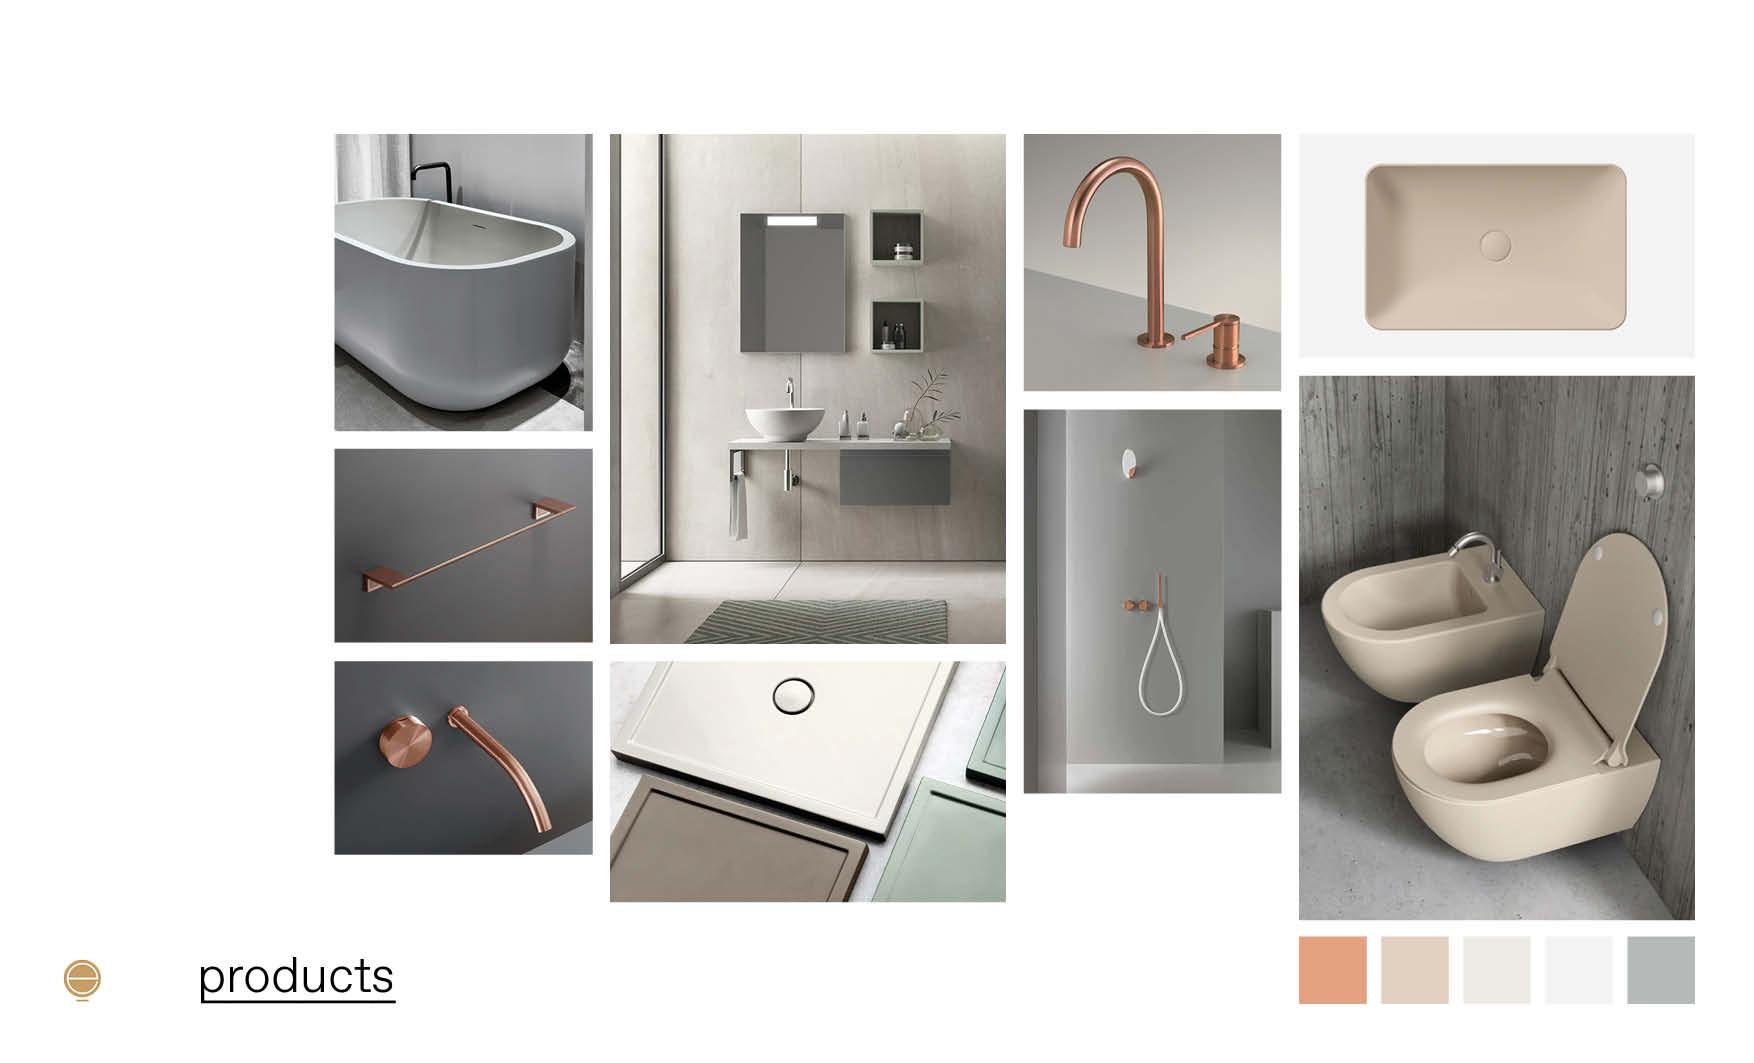 copper&ivory contemporary Italian bathroom furniture moodboard design by Esperiri Milano